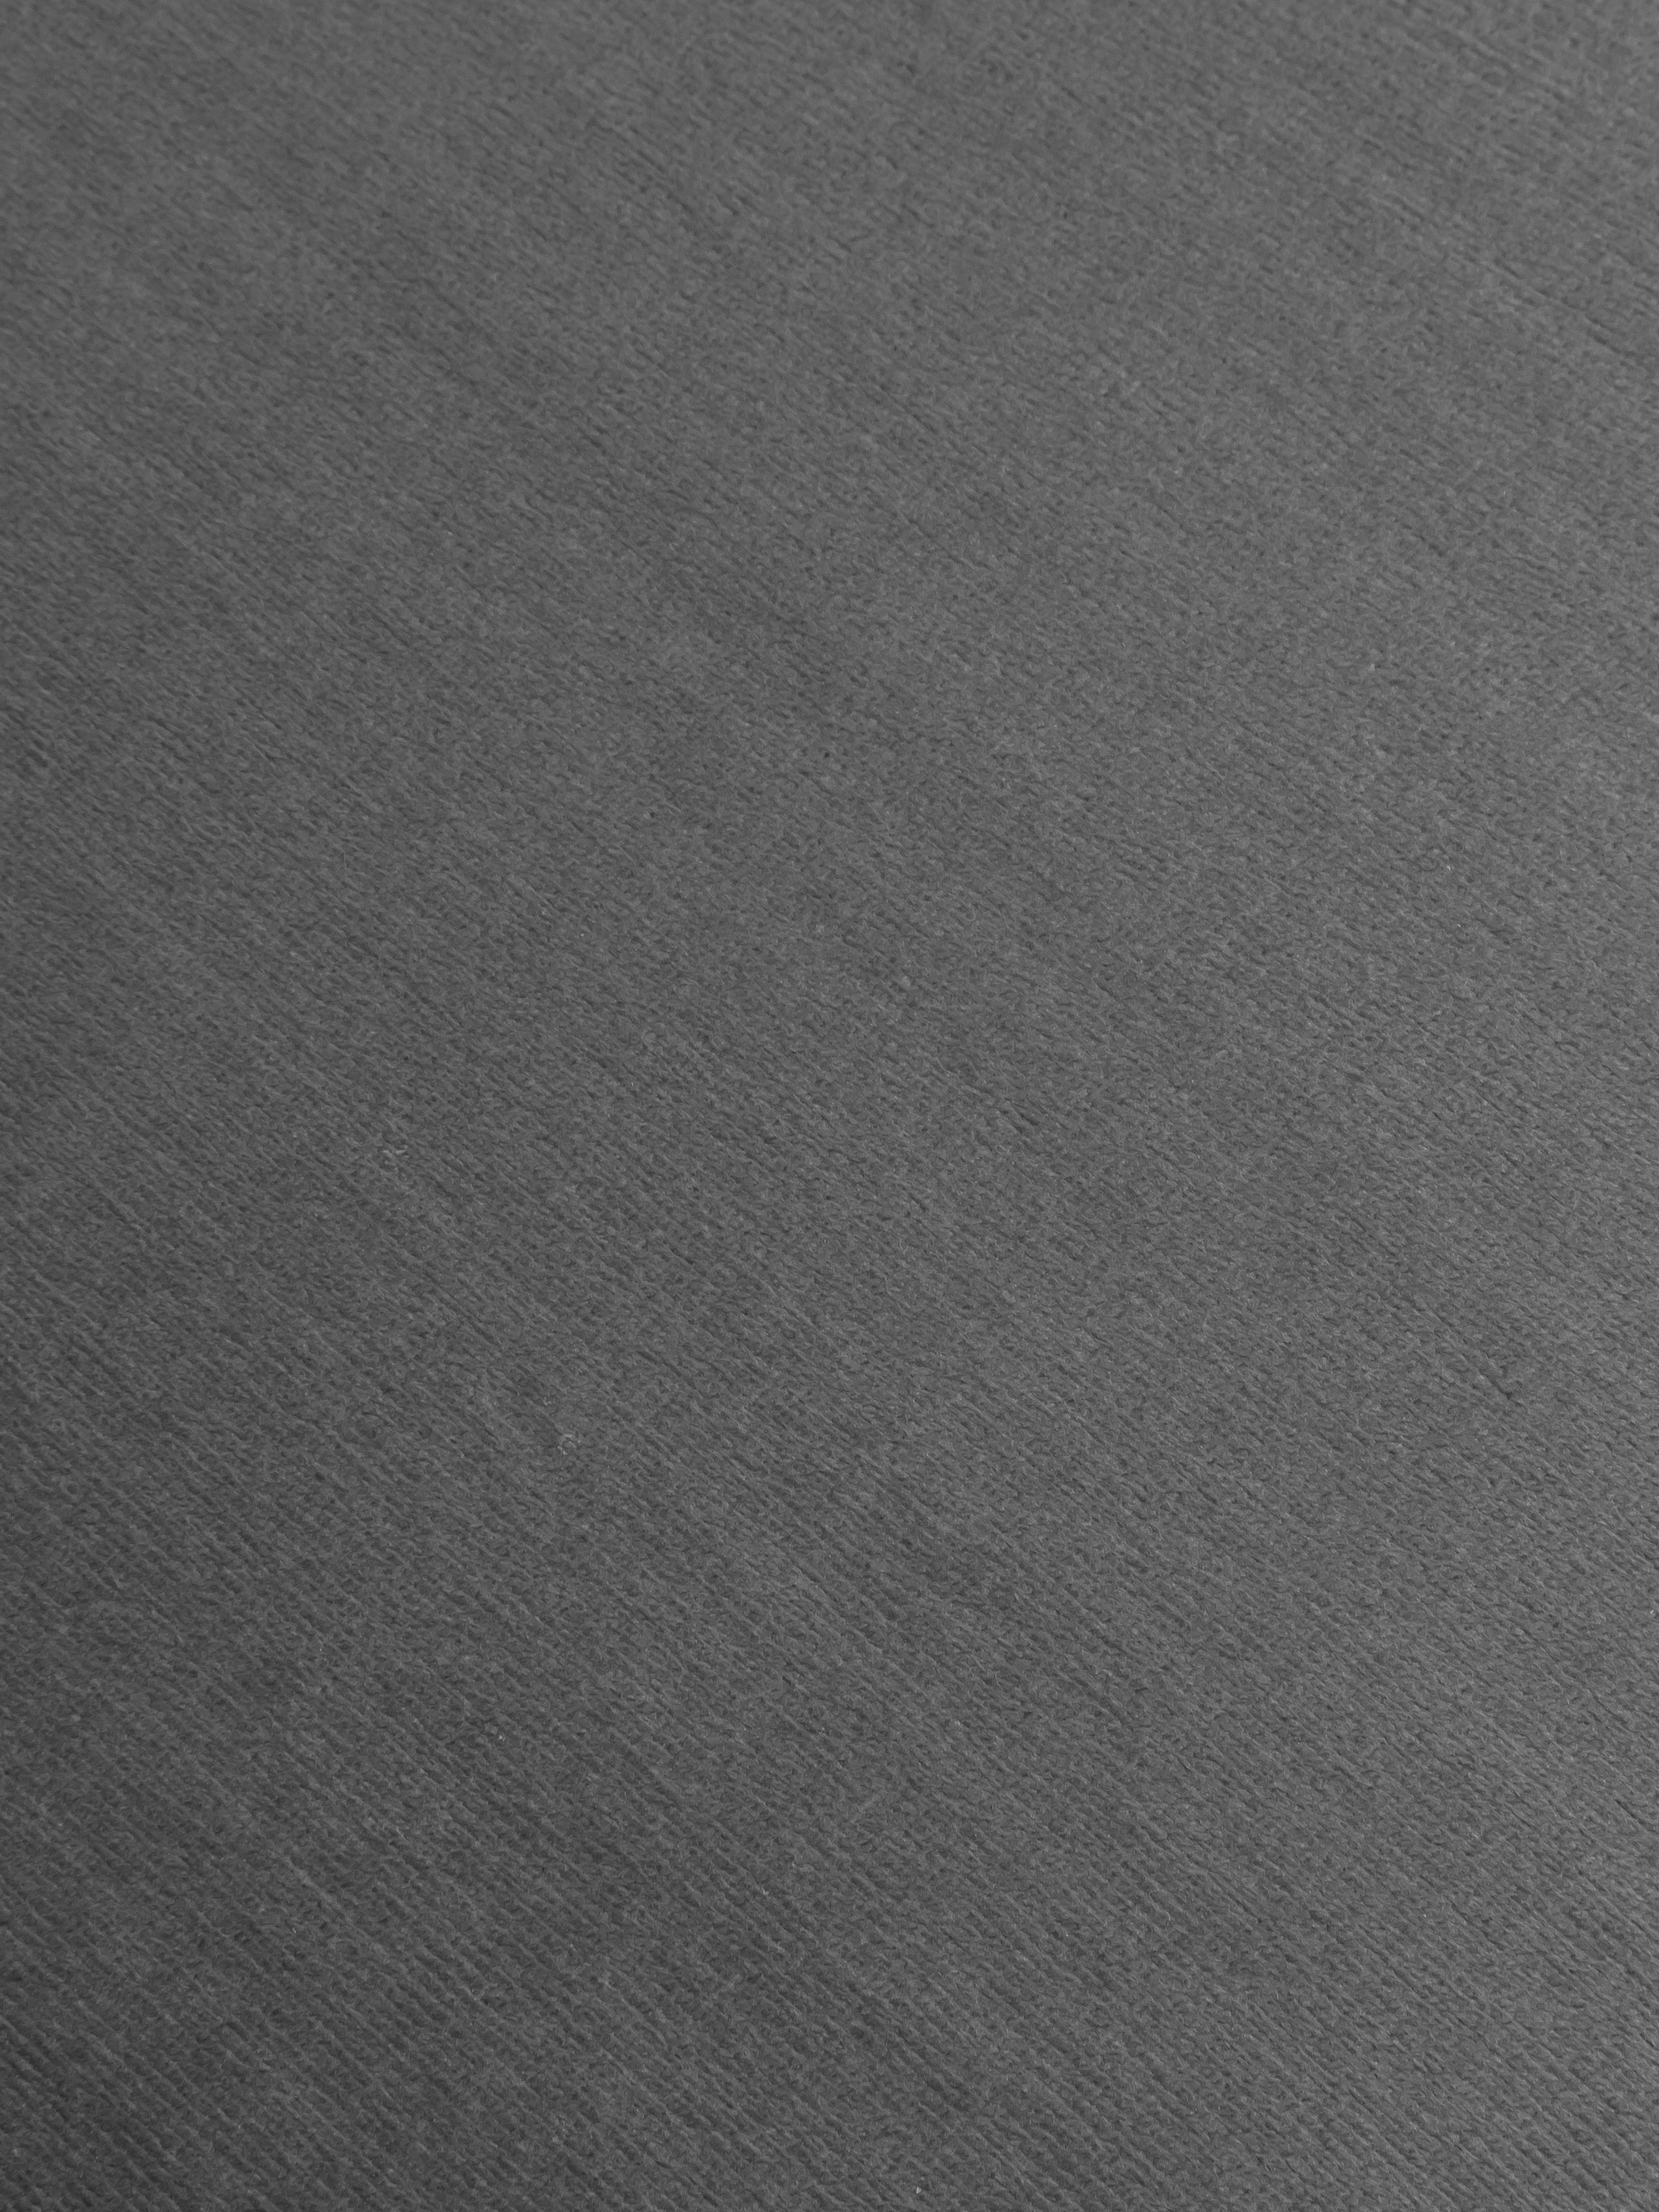 Sedia con braccioli in velluto Rachel, Rivestimento: velluto (poliestere) 50.0, Gambe: metallo verniciato a polv, Rivestimento: grigio chiaro Gambe: nero opaco, Larg. 47 x Prof. 64 cm